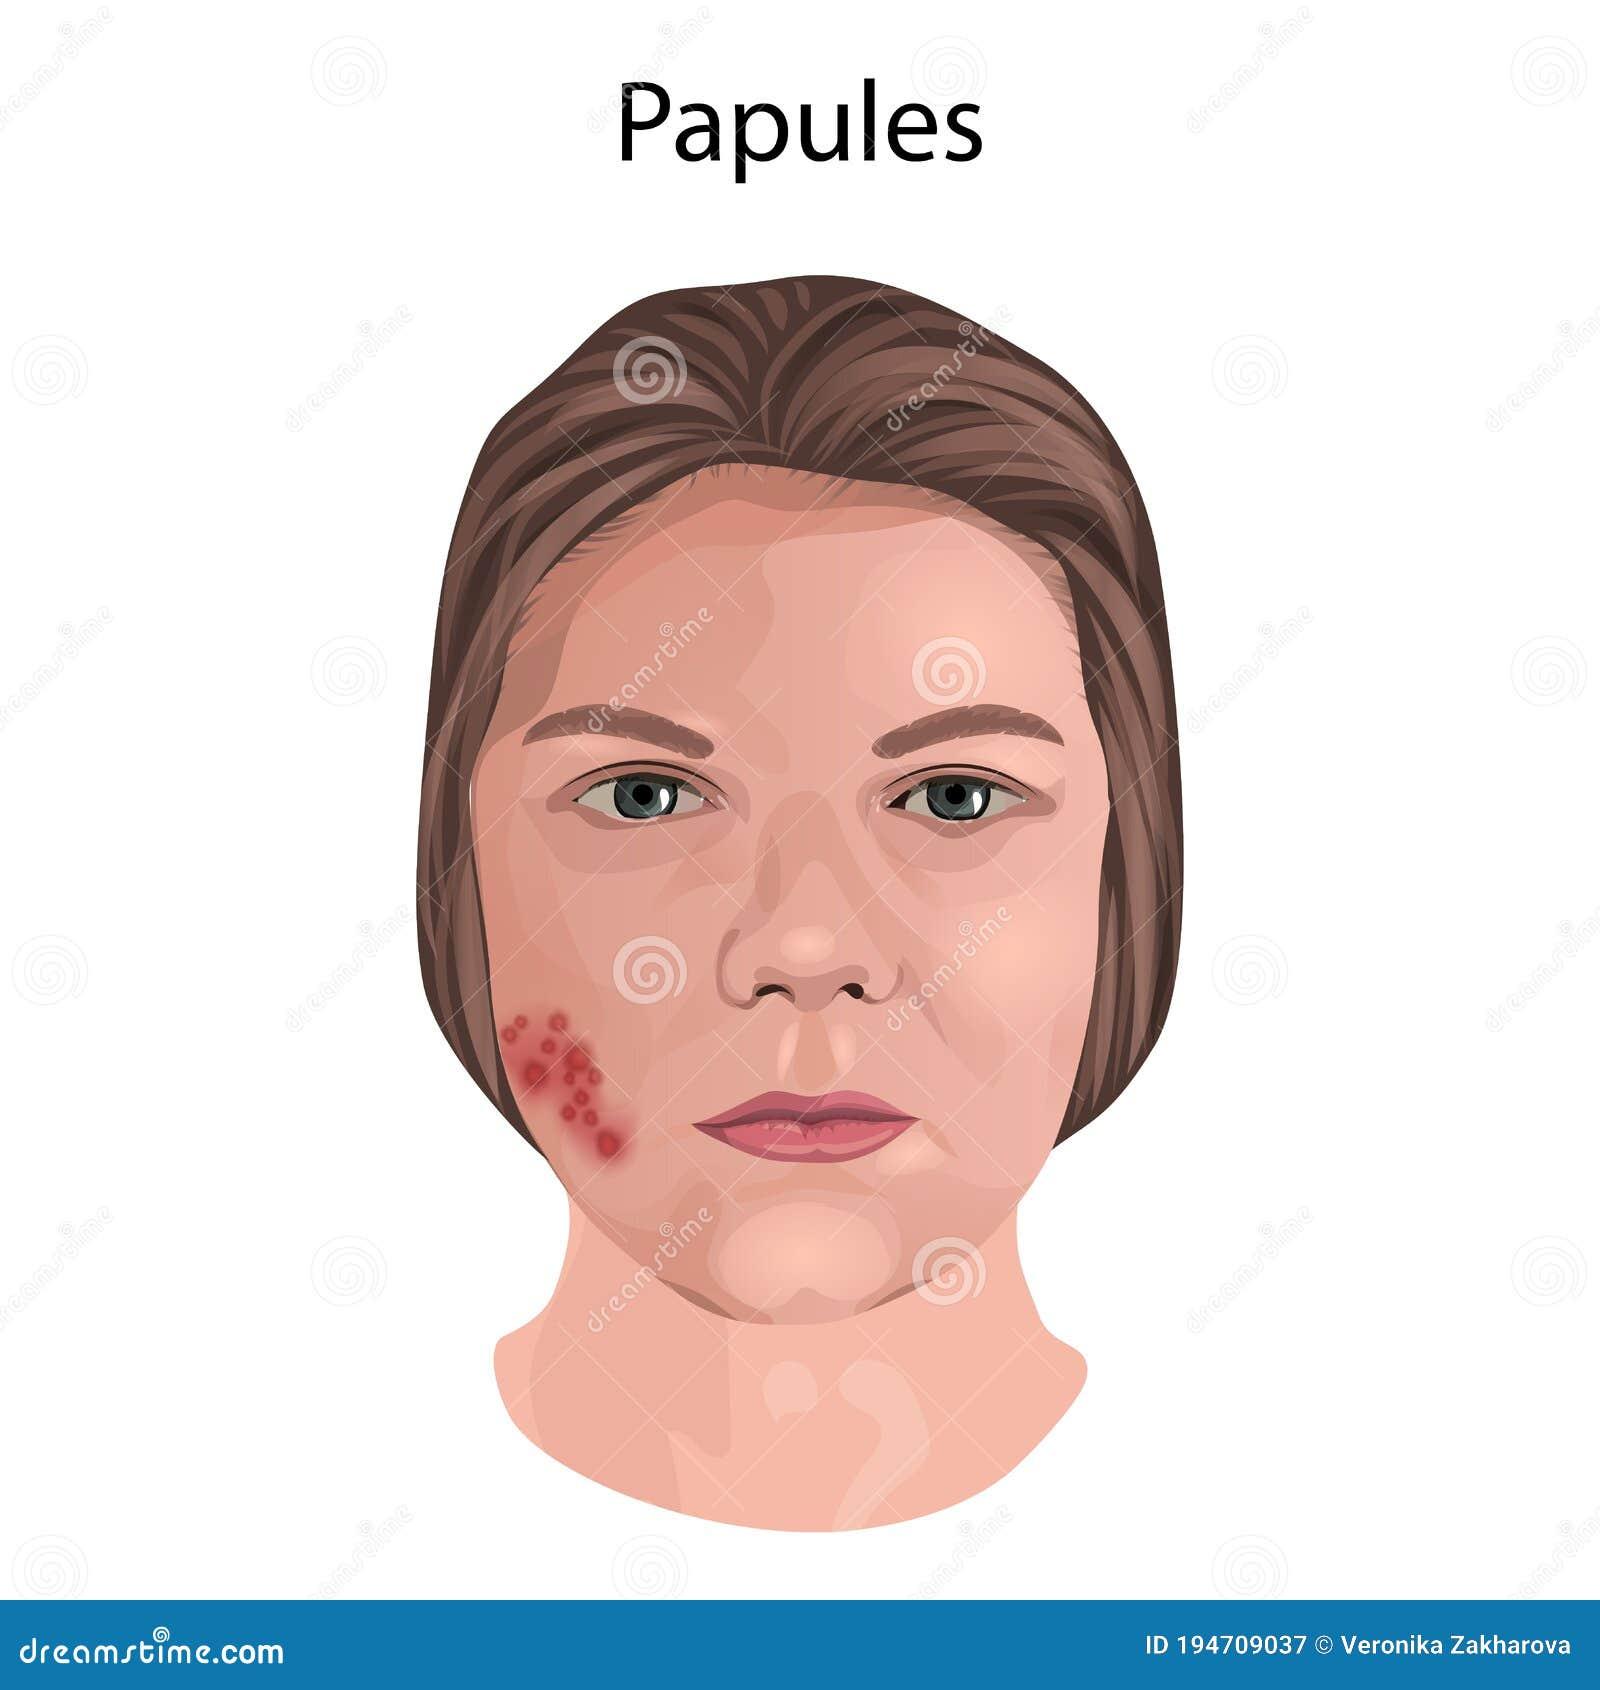 Women papules 3 Ways